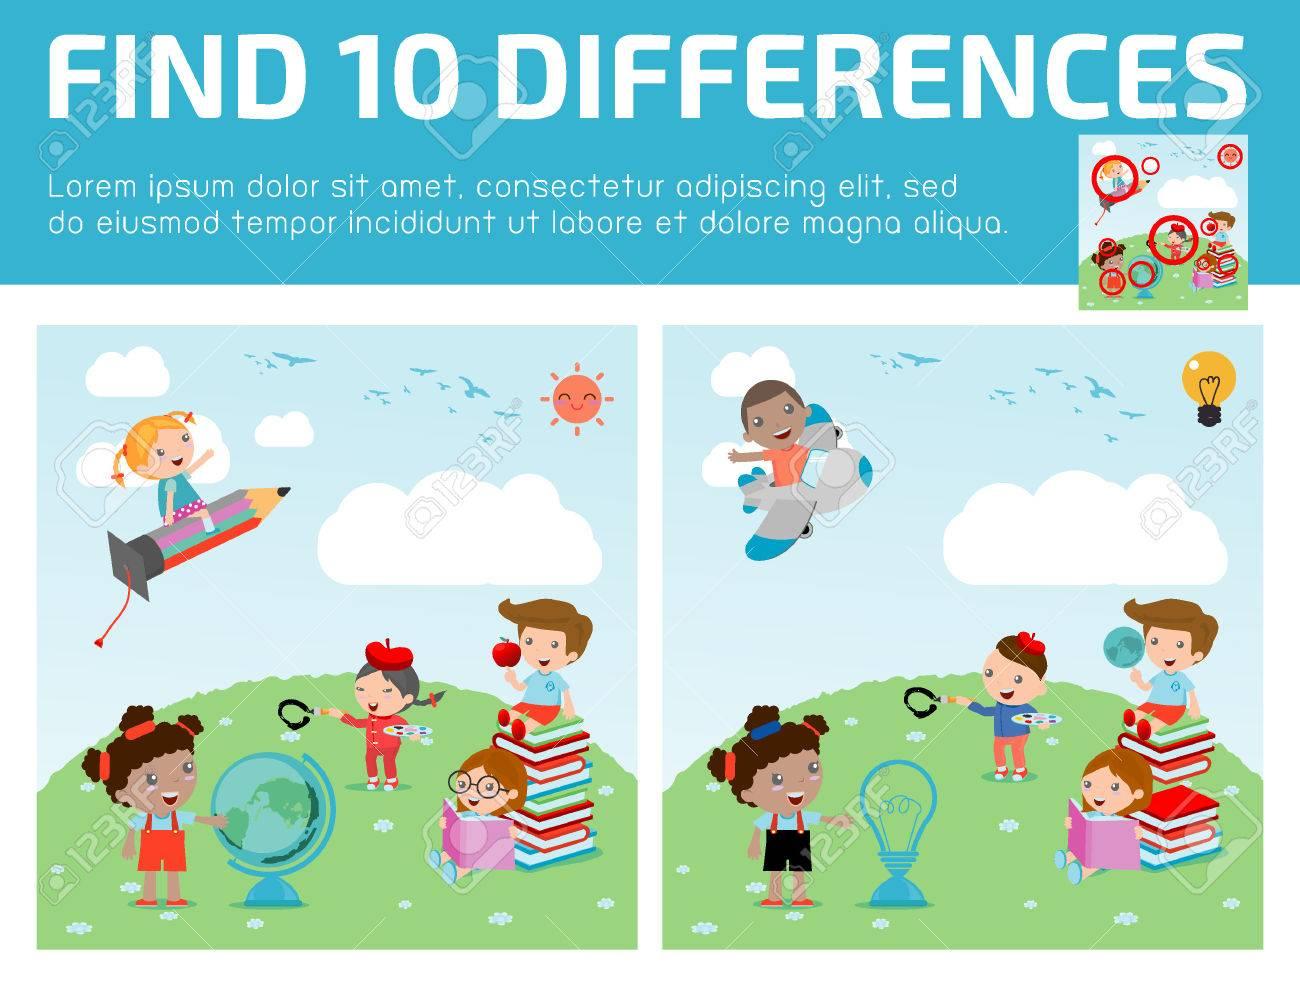 Trouver Des Différences, Jeux Pour Les Enfants, Trouver Des Différences,  Des Jeux De Cerveau, Les Enfants, Jeu Éducatif Pour Les Enfants D'âge à Jeux De La Différence